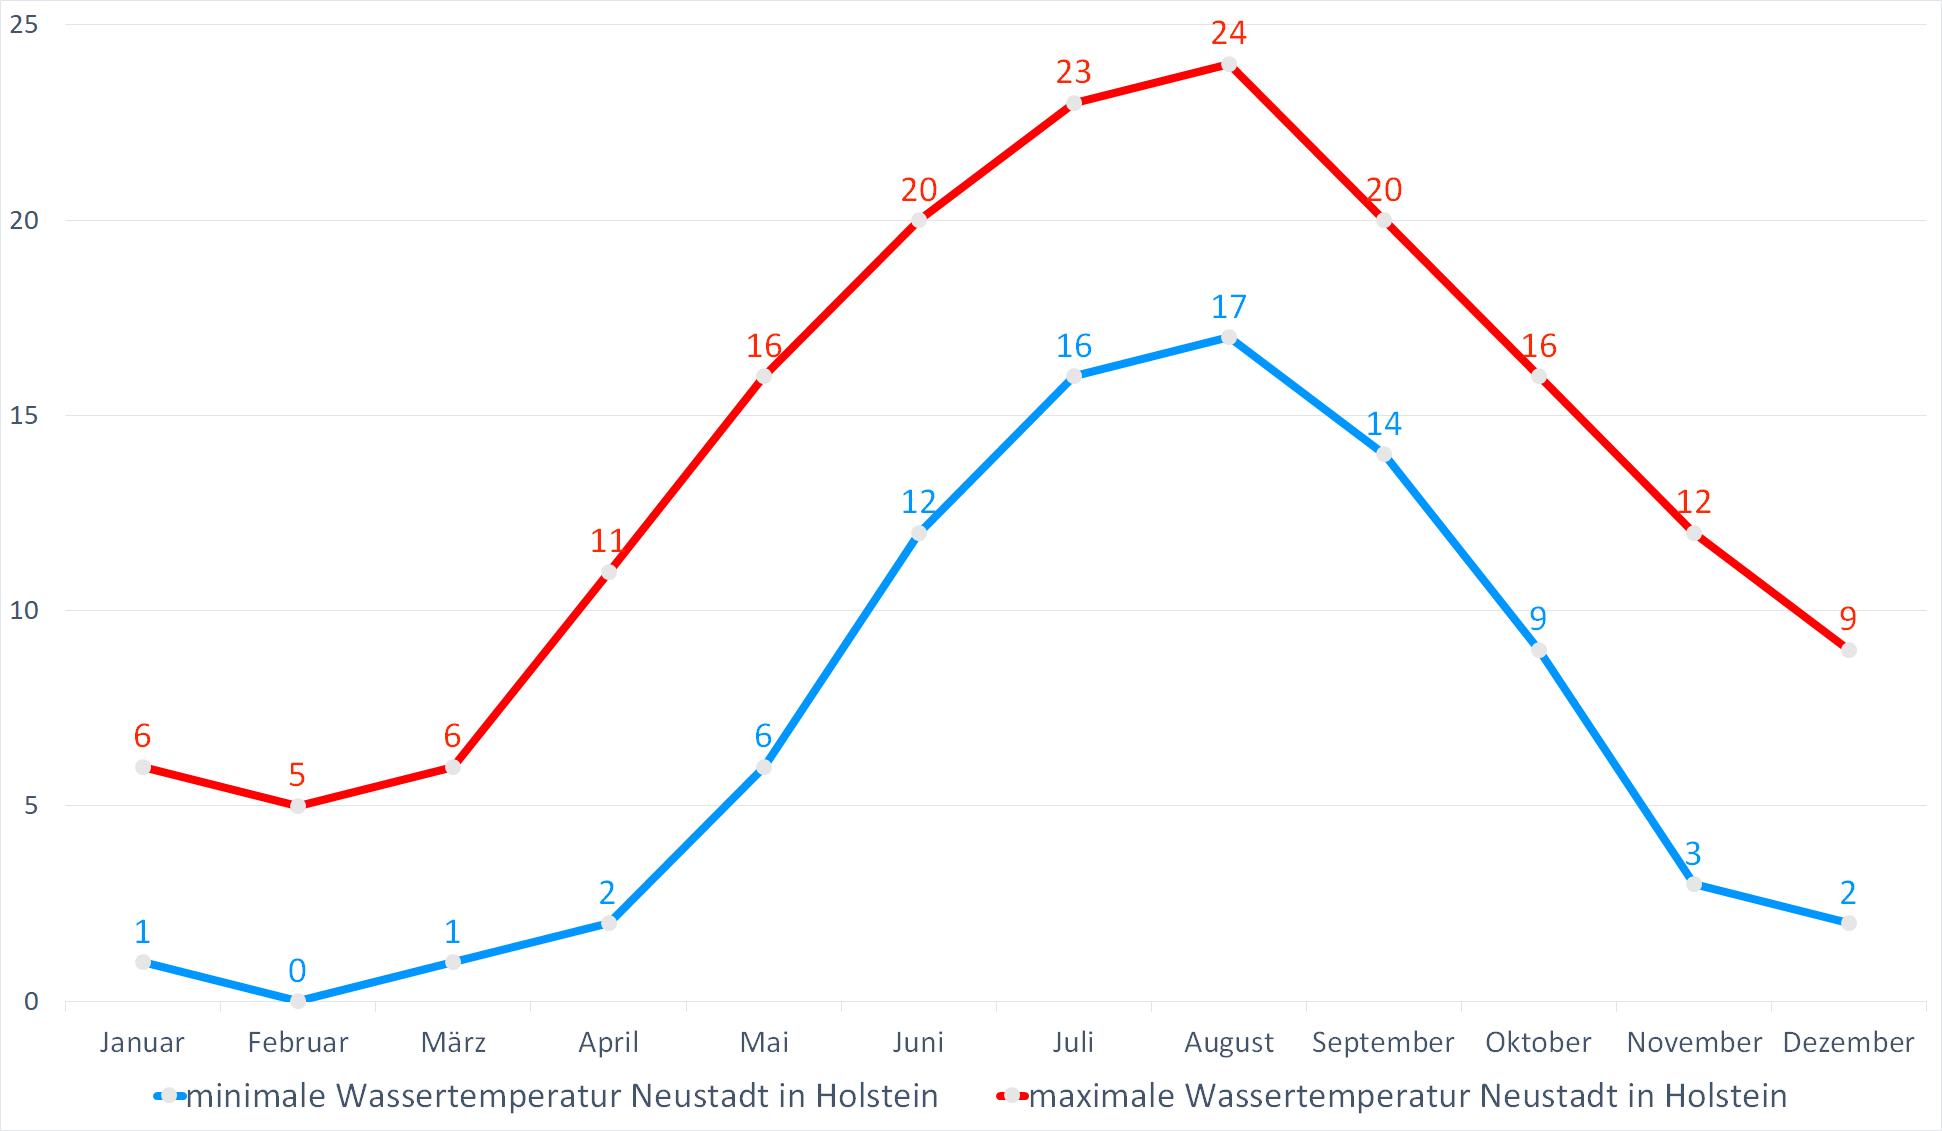 Minimale & Maximale Wassertemperaturen für Neustadt in Holstein im Jahresverlauf